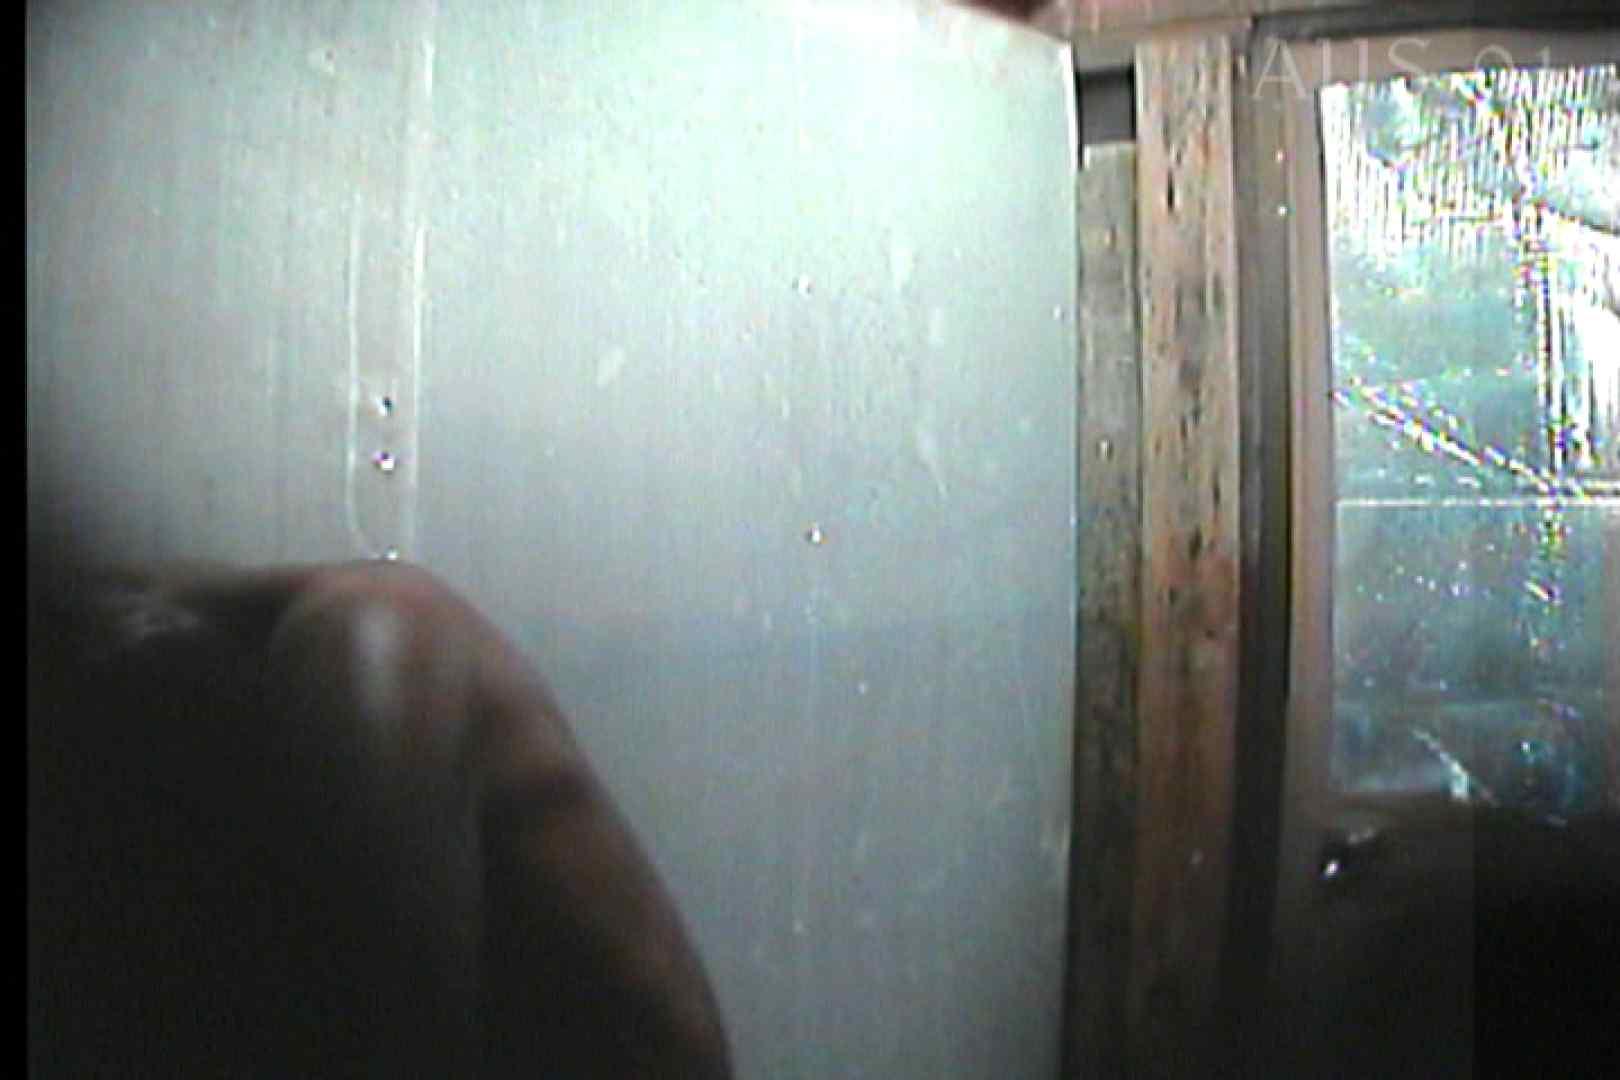 海の家の更衣室 Vol.05 美肌 ワレメ動画紹介 82画像 27